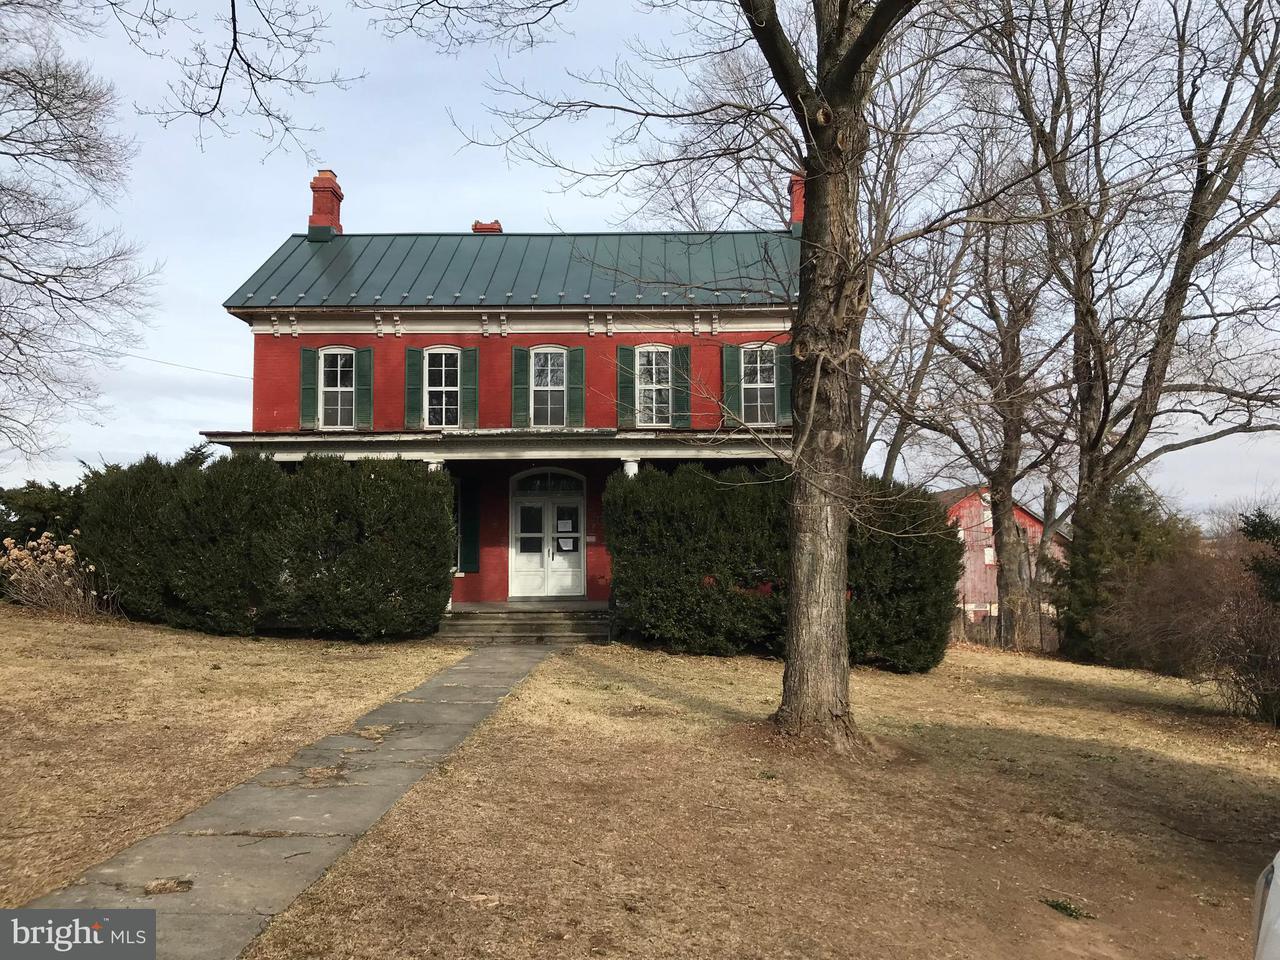 獨棟家庭住宅 為 出售 在 5388 SHEPHERDSTOWN PIKE 5388 SHEPHERDSTOWN PIKE Shenandoah Junction, 西佛吉尼亞州 25442 美國